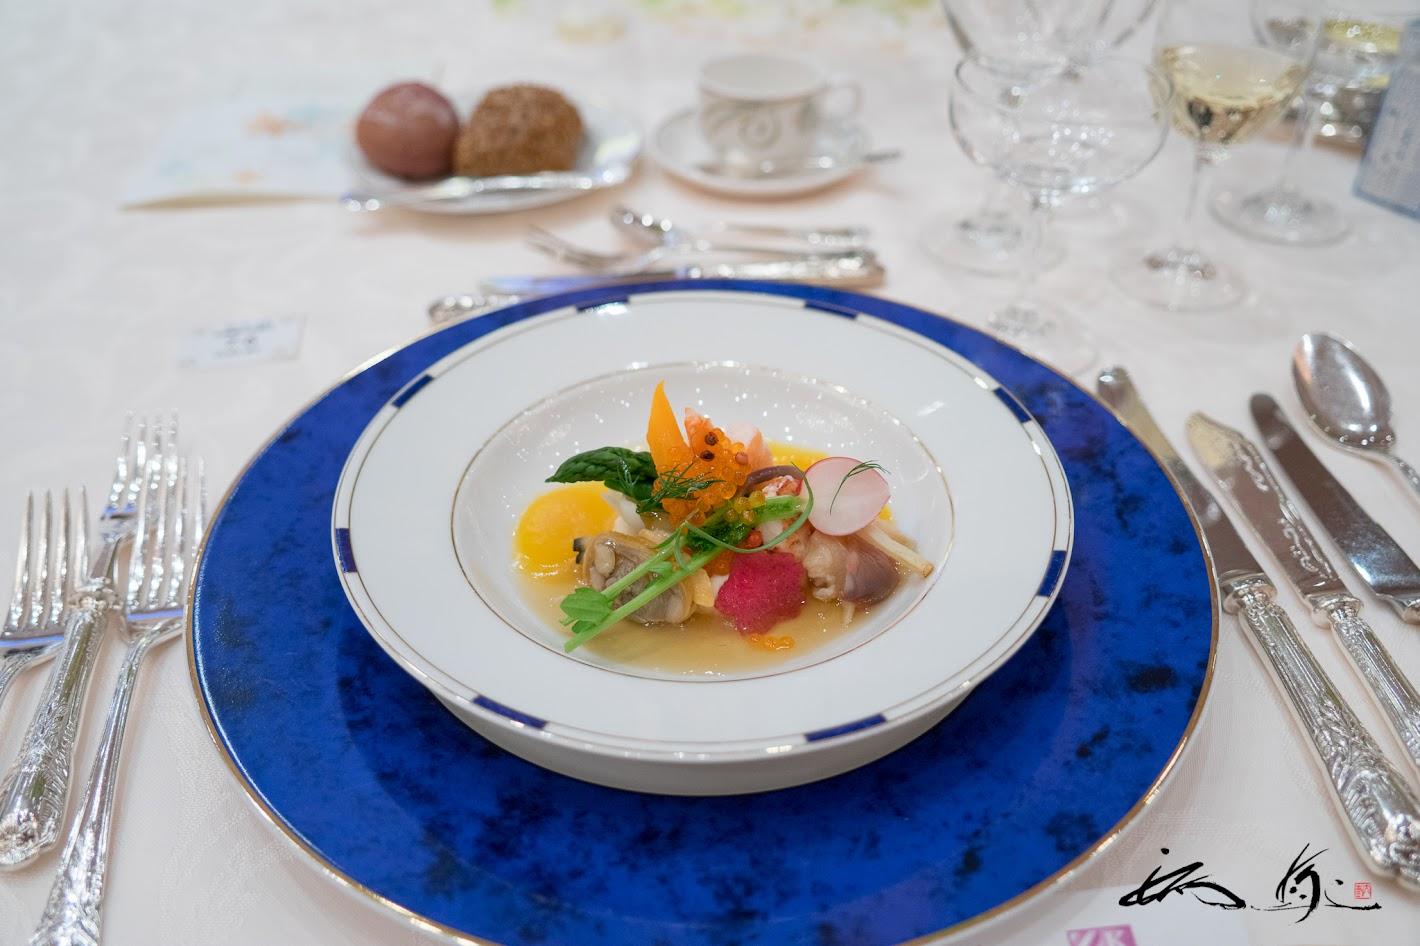 海の幸と野菜のジュレ掛け マンゴー風味のヴィネグレットと越冬馬鈴薯のピュレ添え